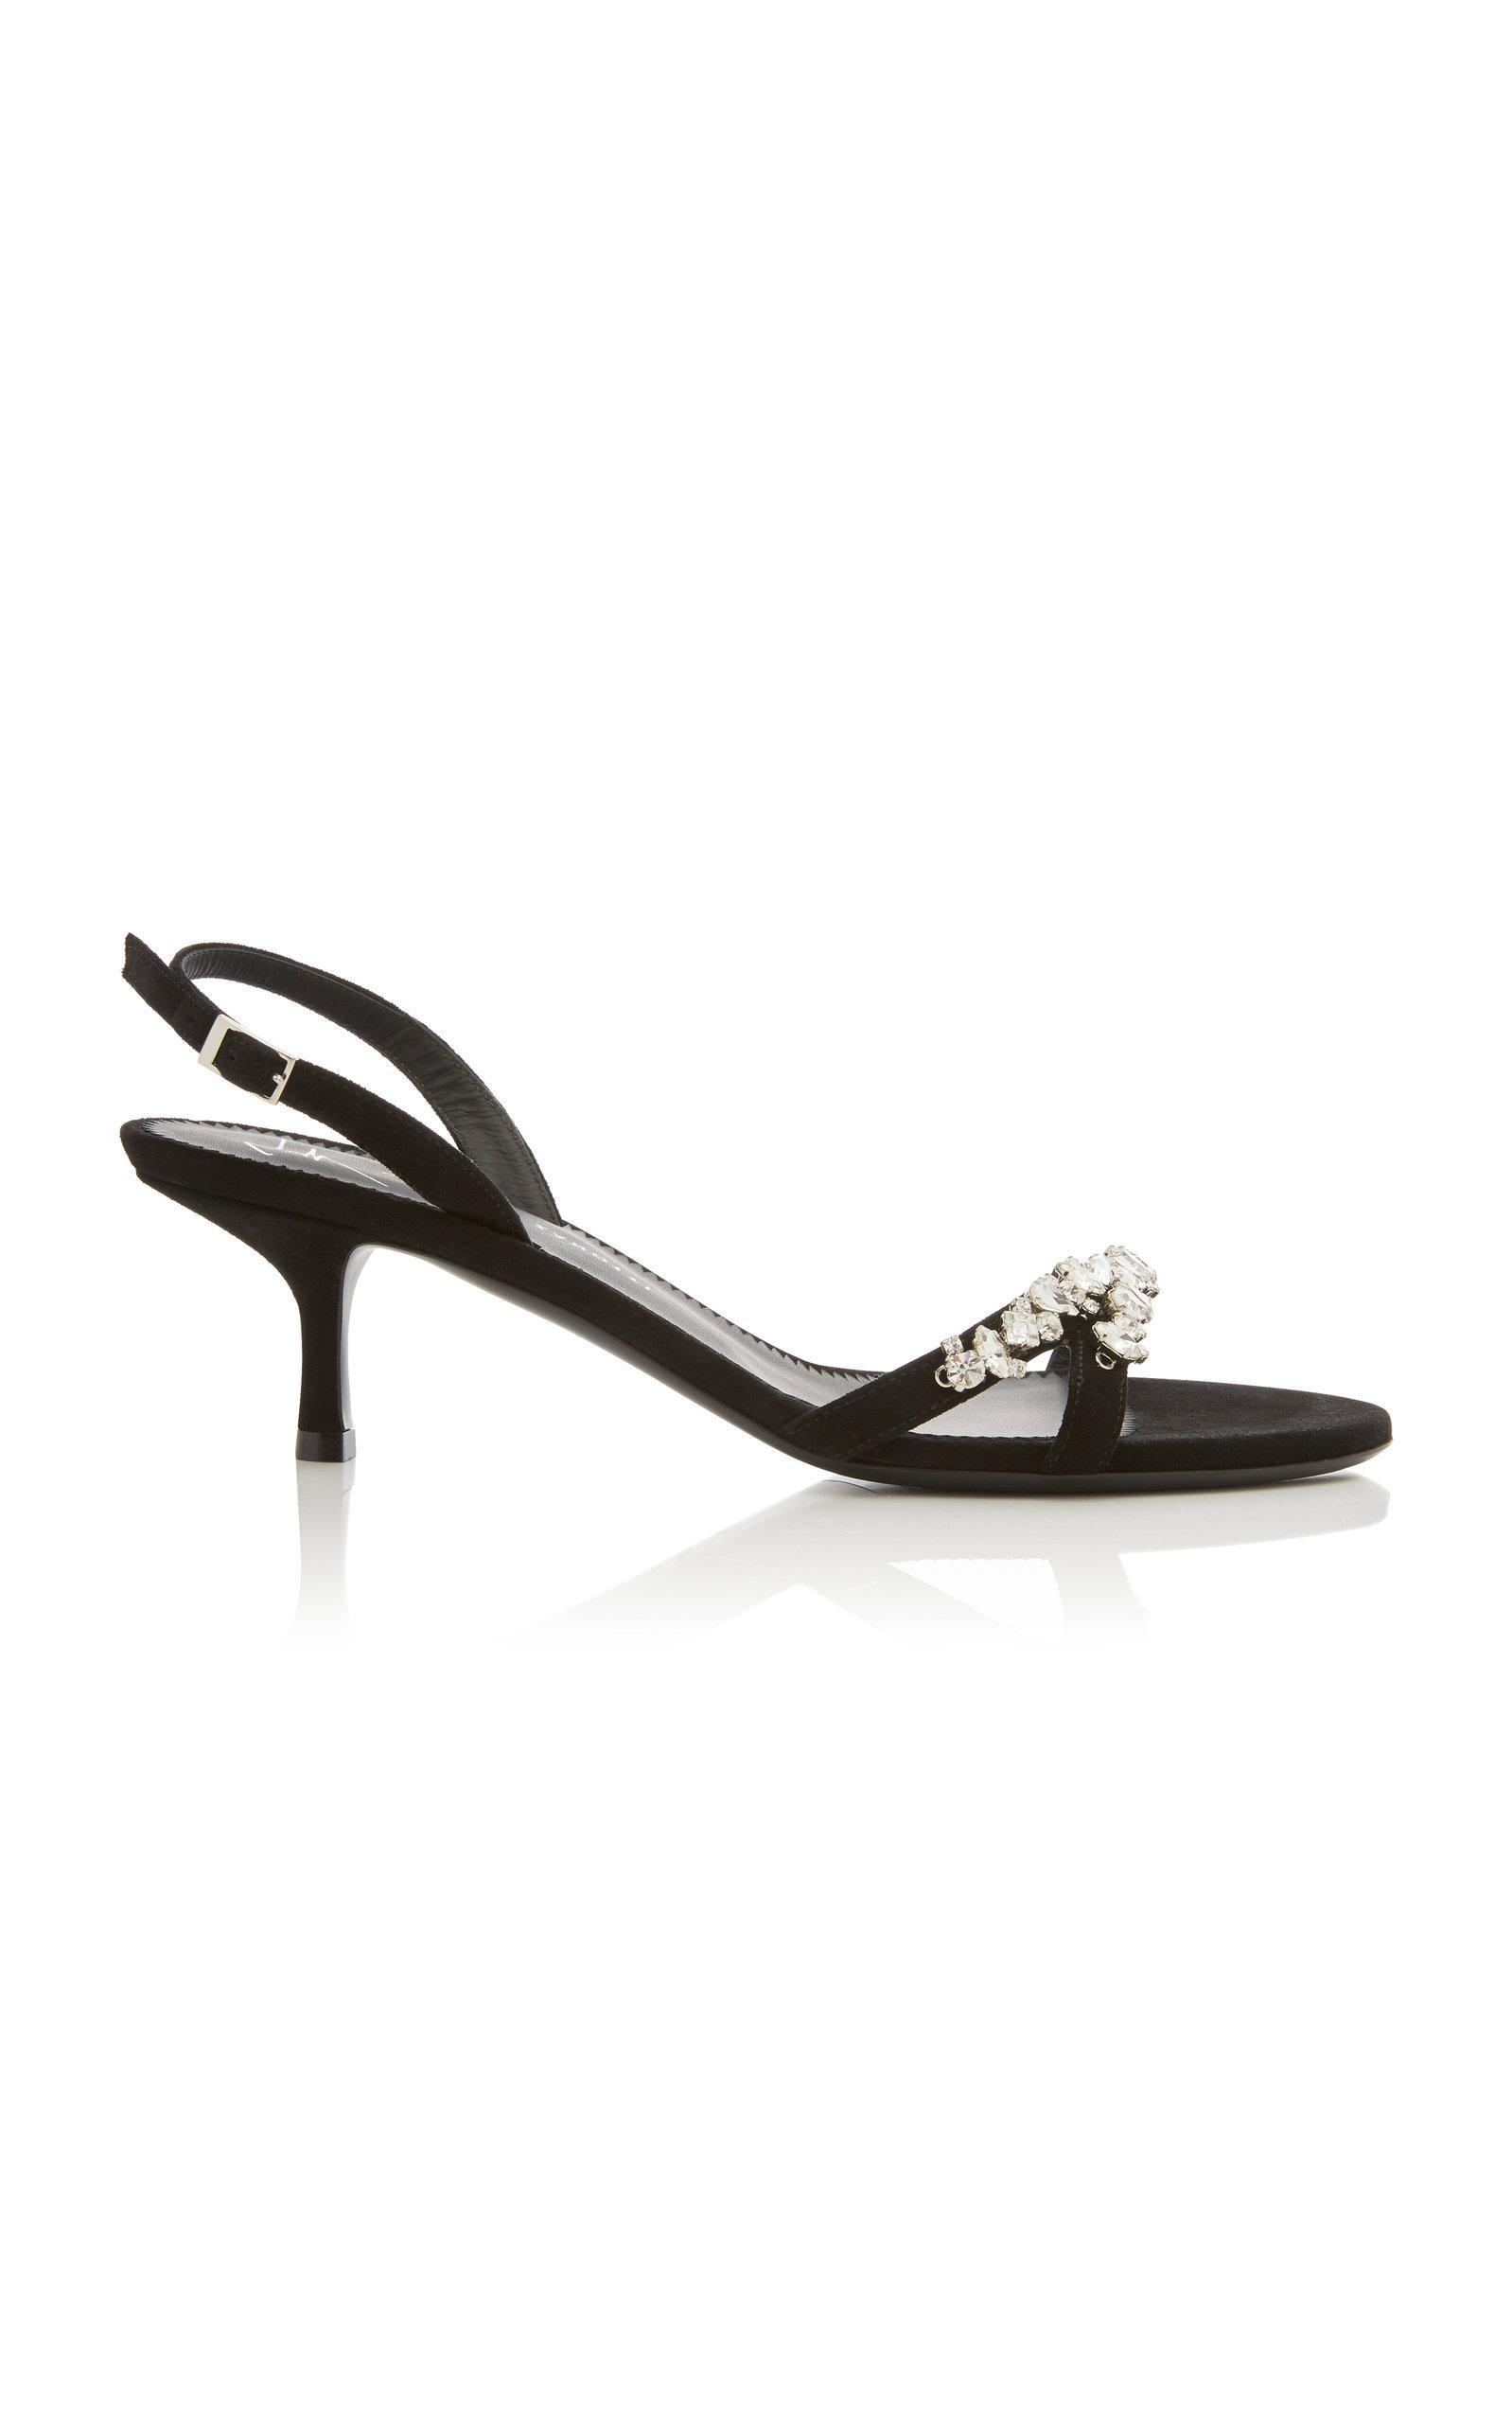 5fafac34dd4 Giuseppe Zanotti. Women s Black Alien Crystal-embellished Suede Slingback  Sandals